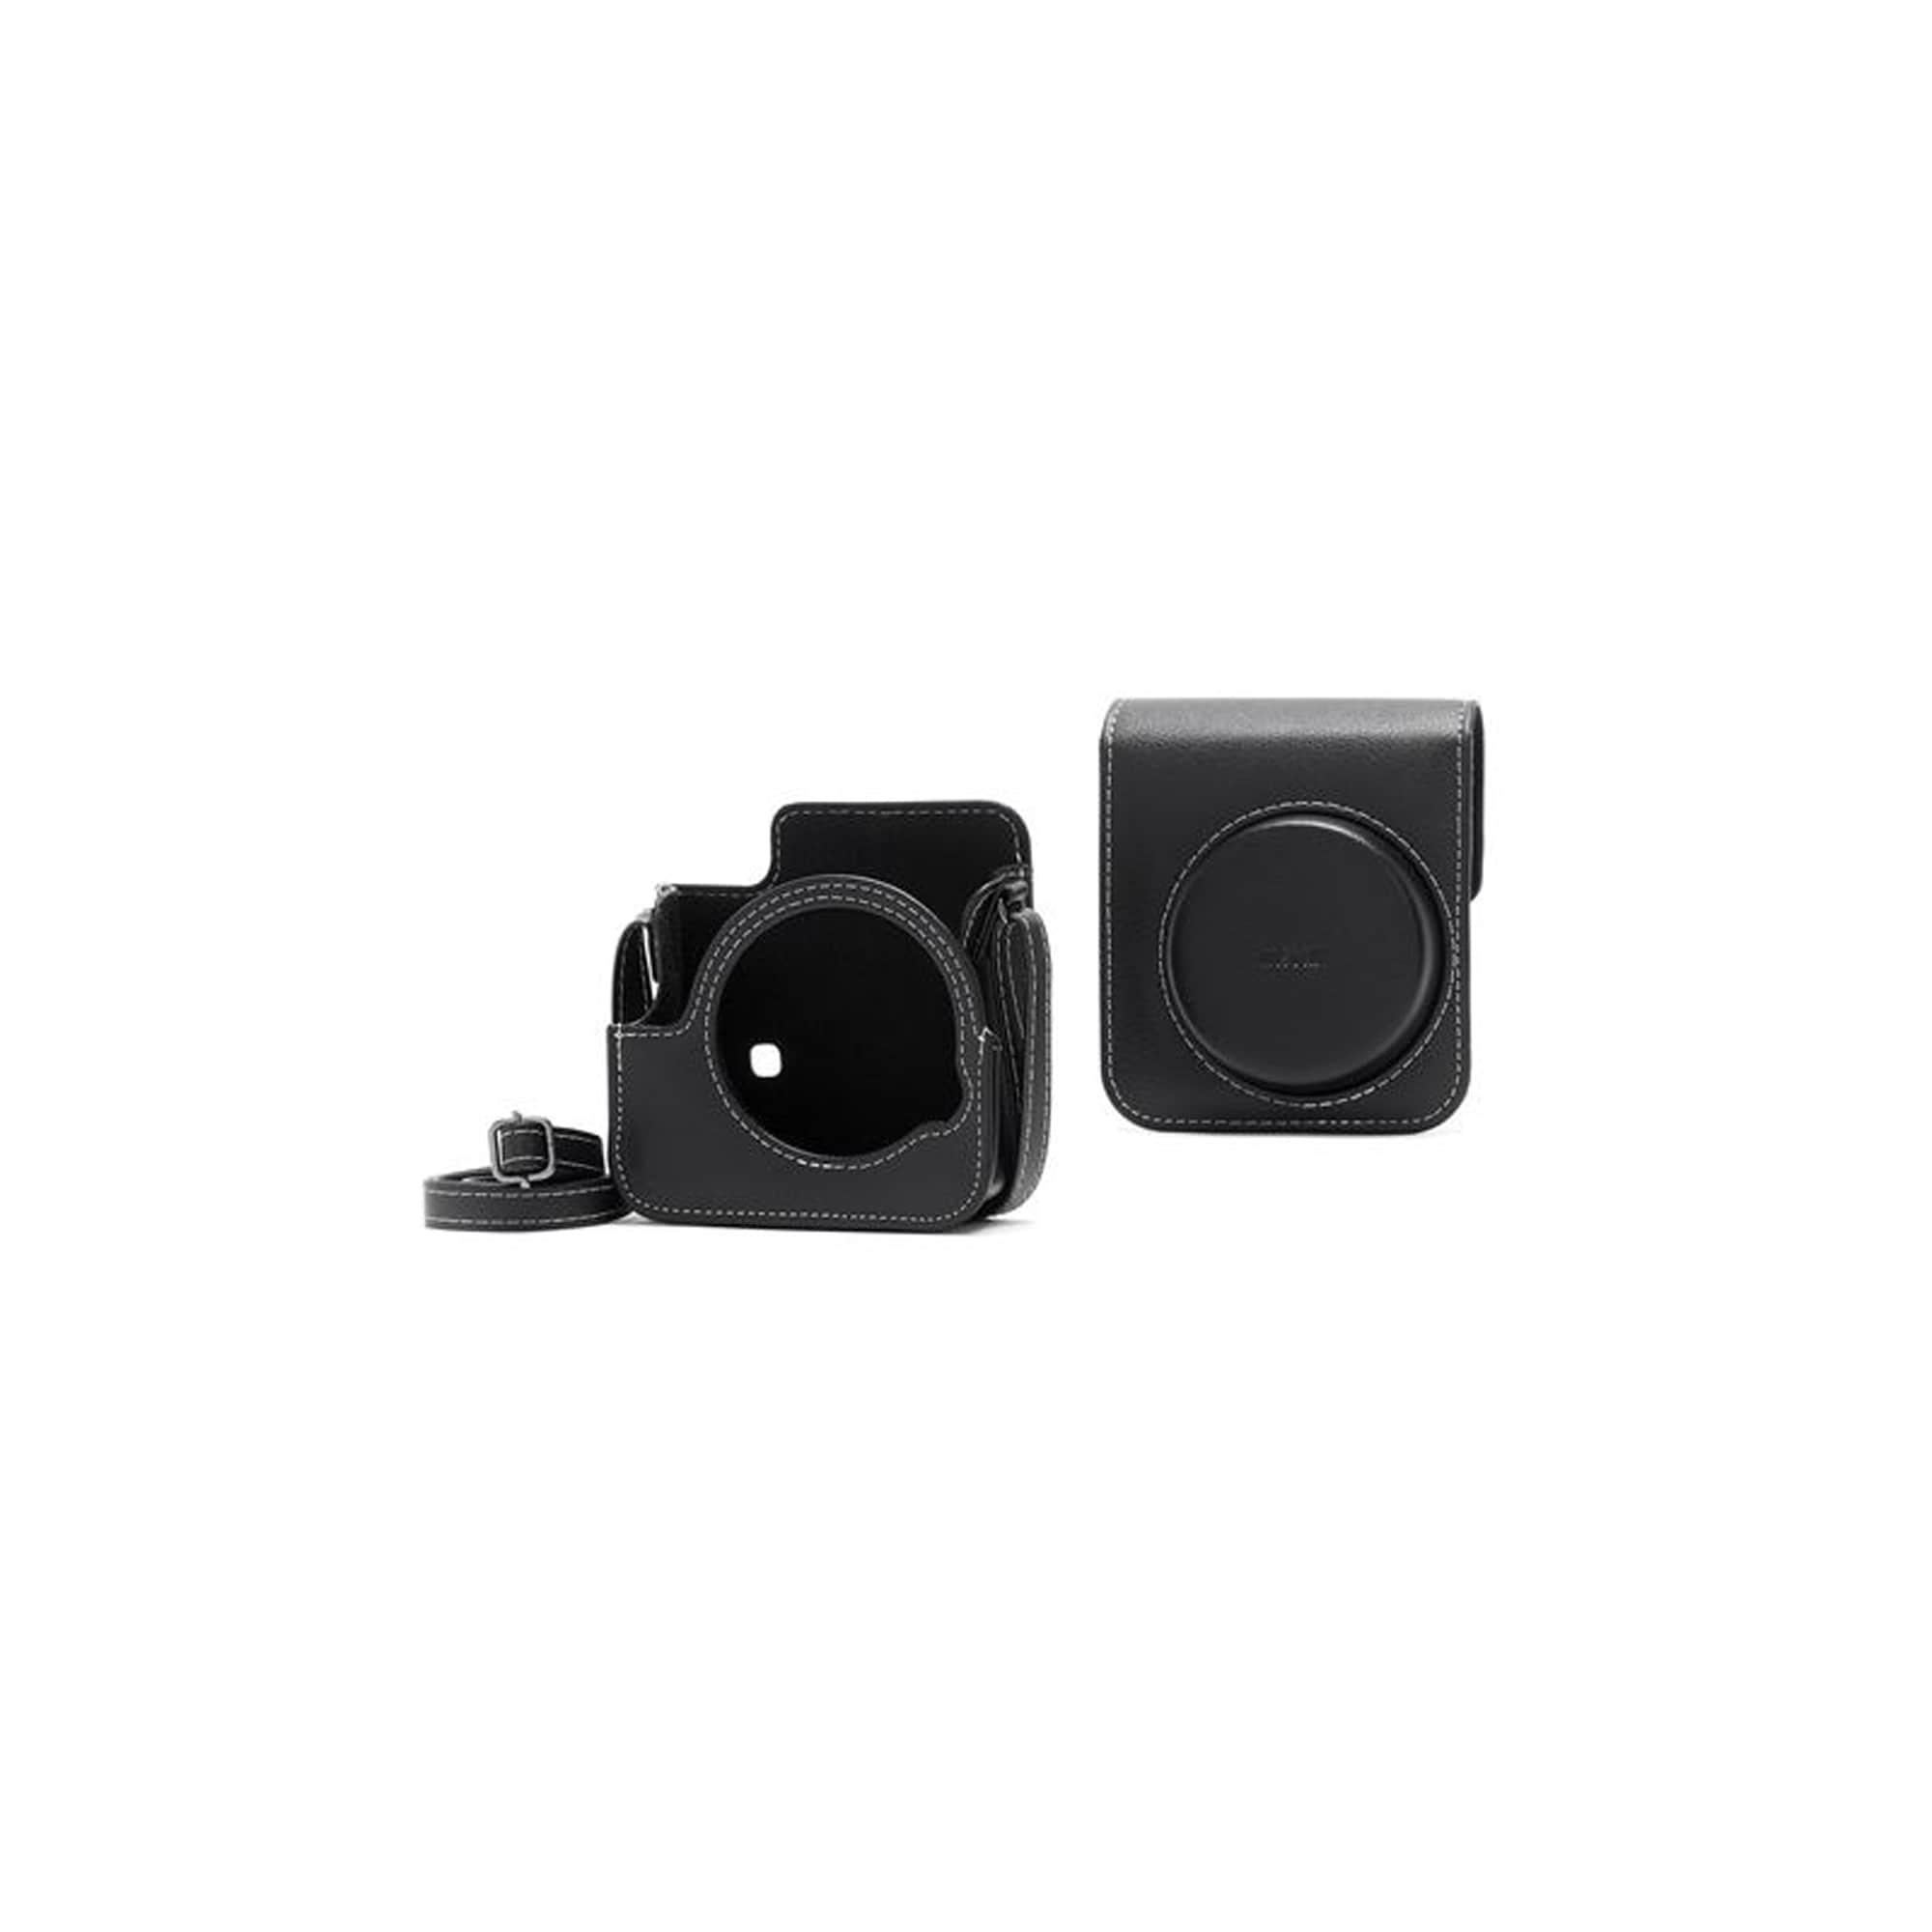 Fujifilm Instax Mini 40 Väska Svart